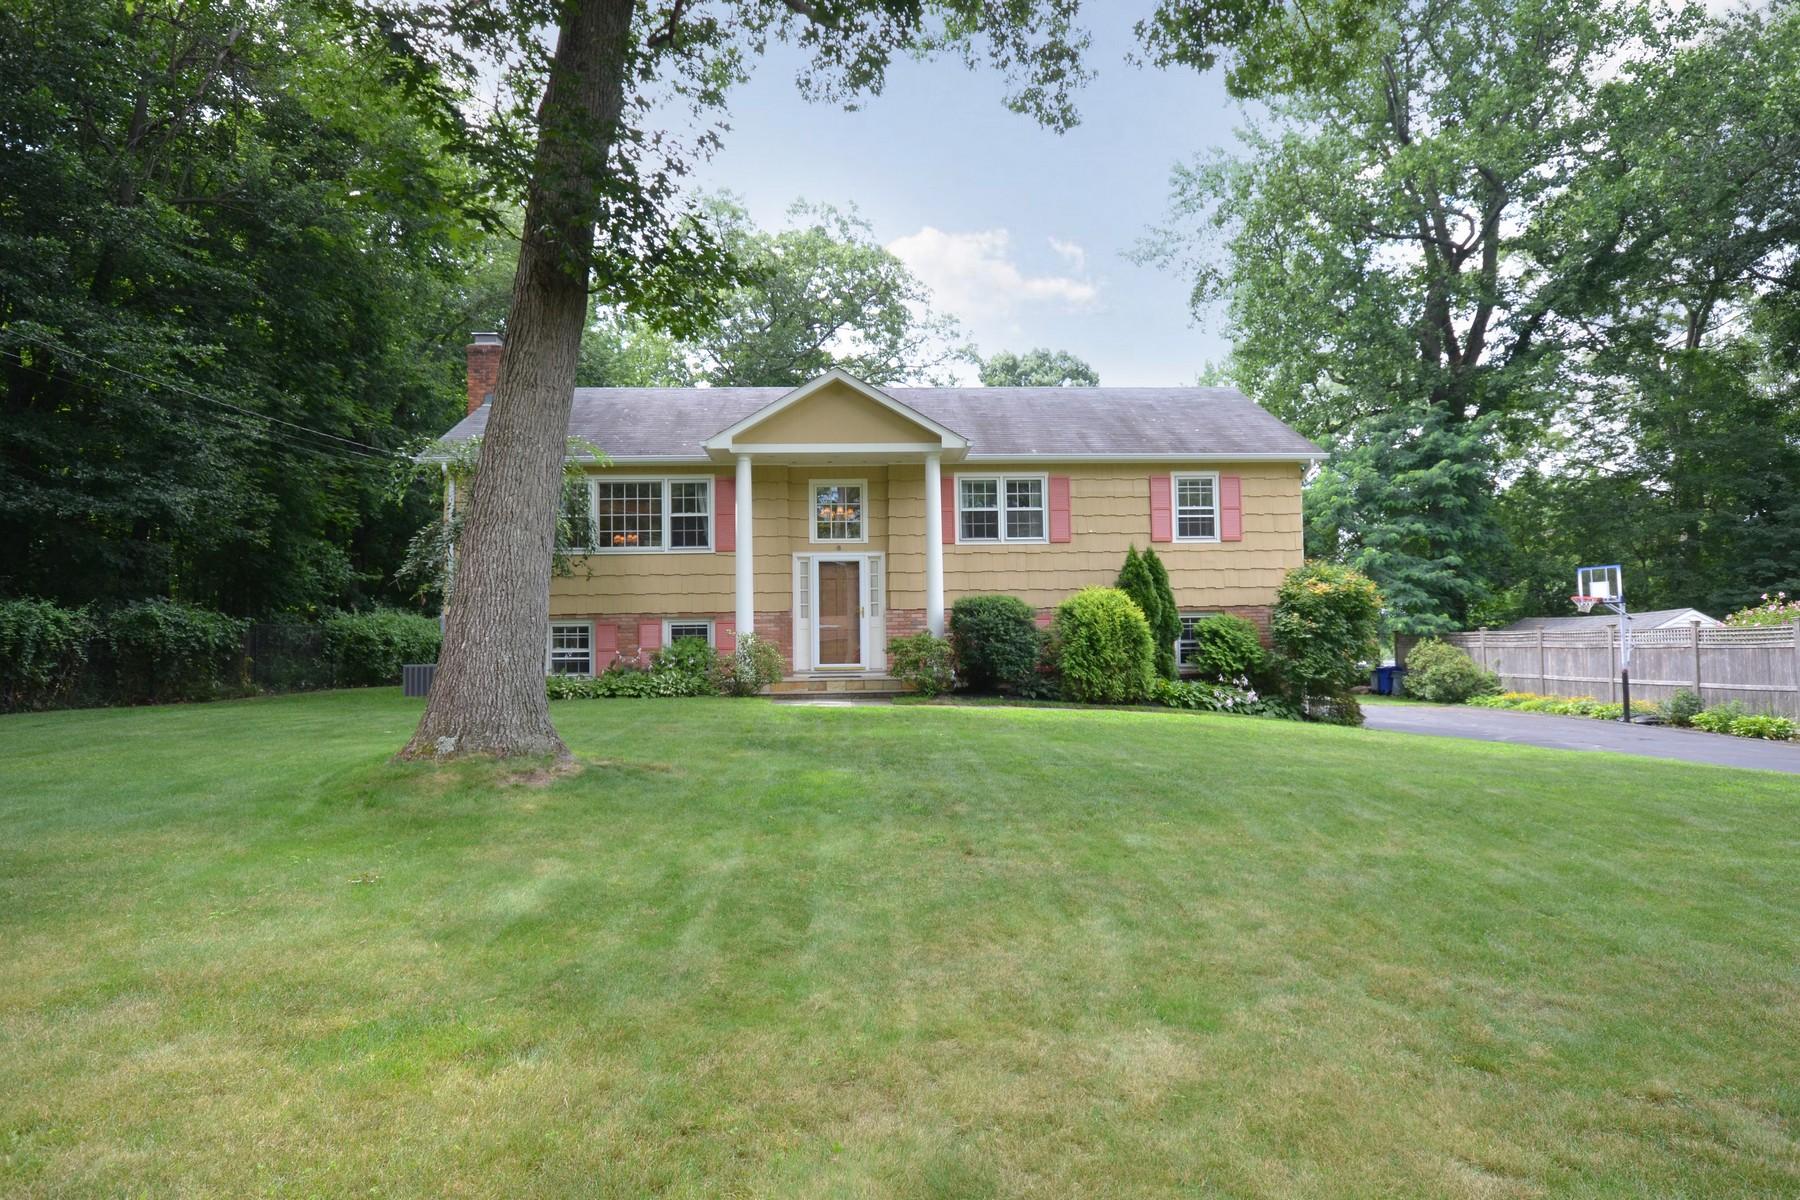 Частный односемейный дом для того Продажа на Warm & Inviting 7 Orchard Hill Road Norwalk, Коннектикут 06851 Соединенные Штаты